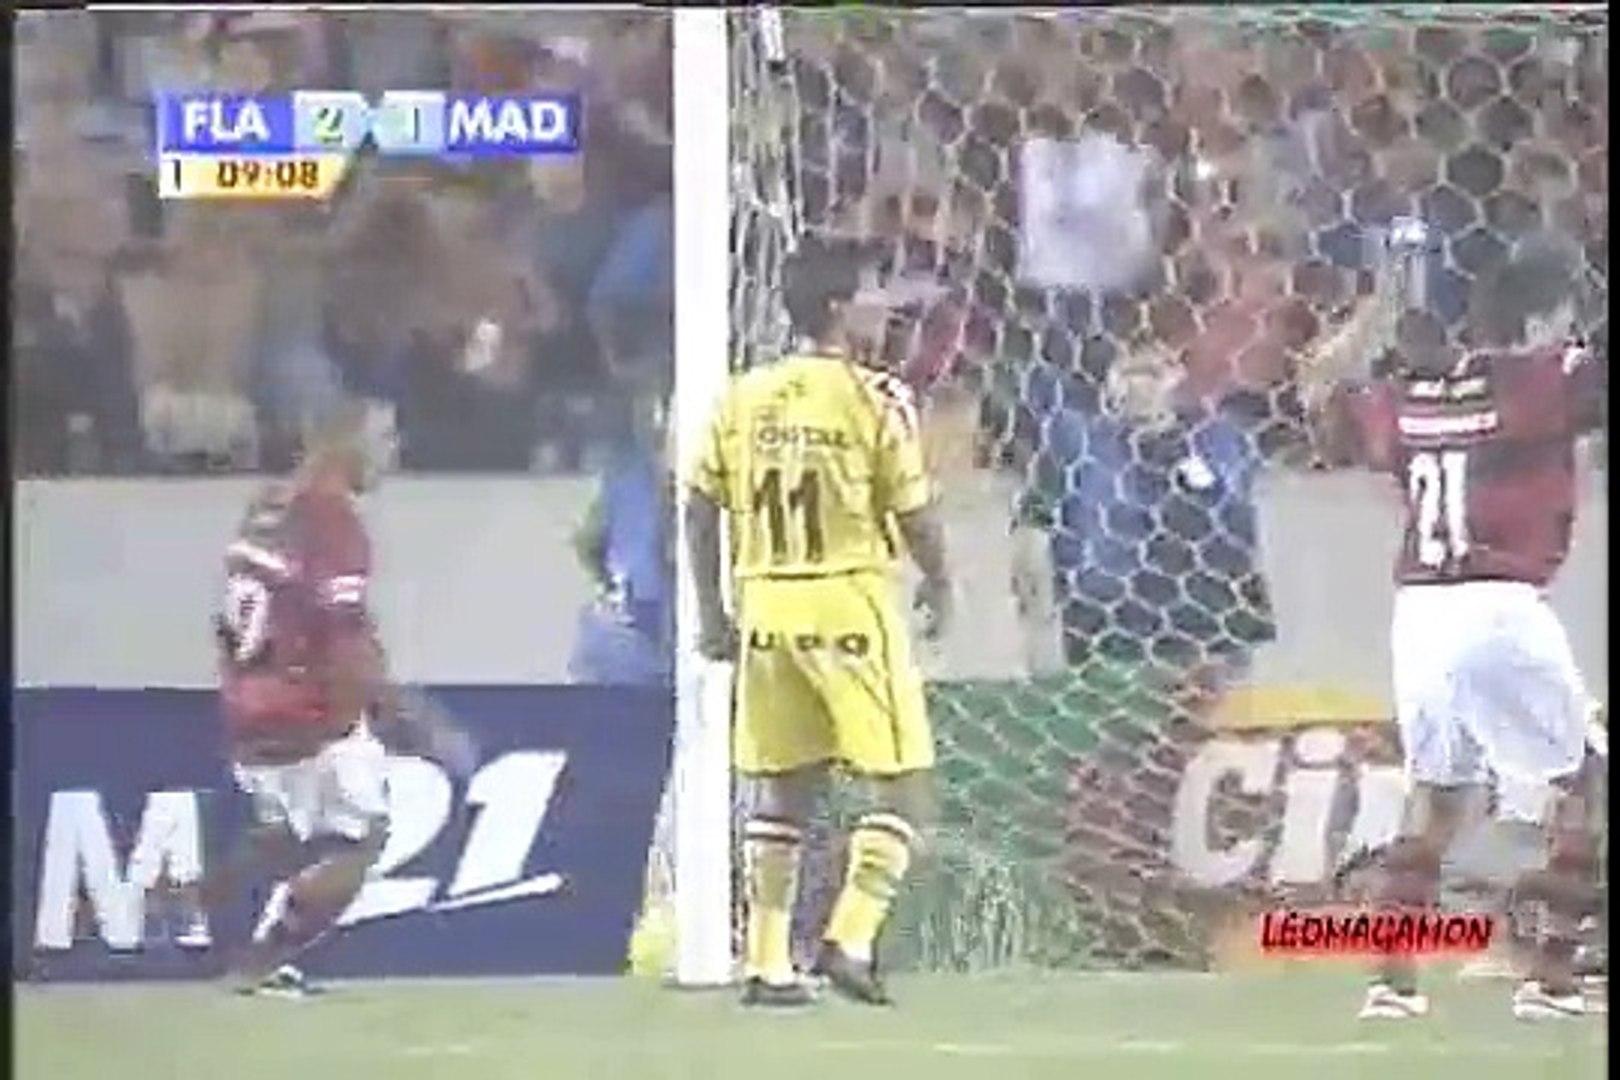 07/03/07 - FINAL TG 2o jogo - Flamengo 4 x 1 Madureira - GOLS - CAMPEÃO TG (TV)